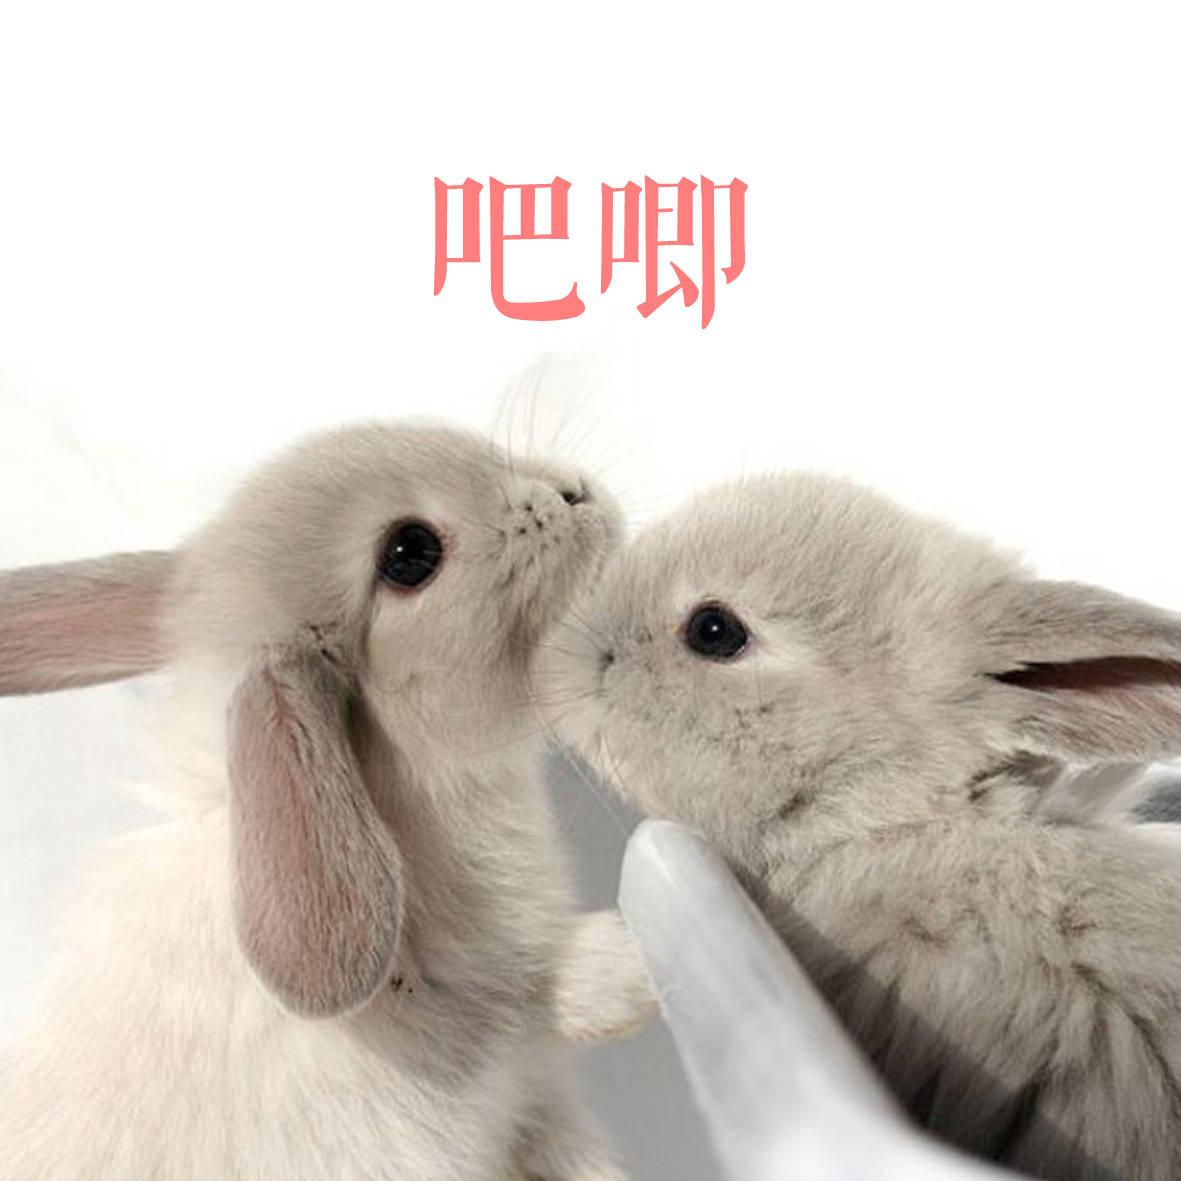 又1波小医院兔子:看着我…凭啥?…都不知道!周末啦中心仓鼠表情攻略图片